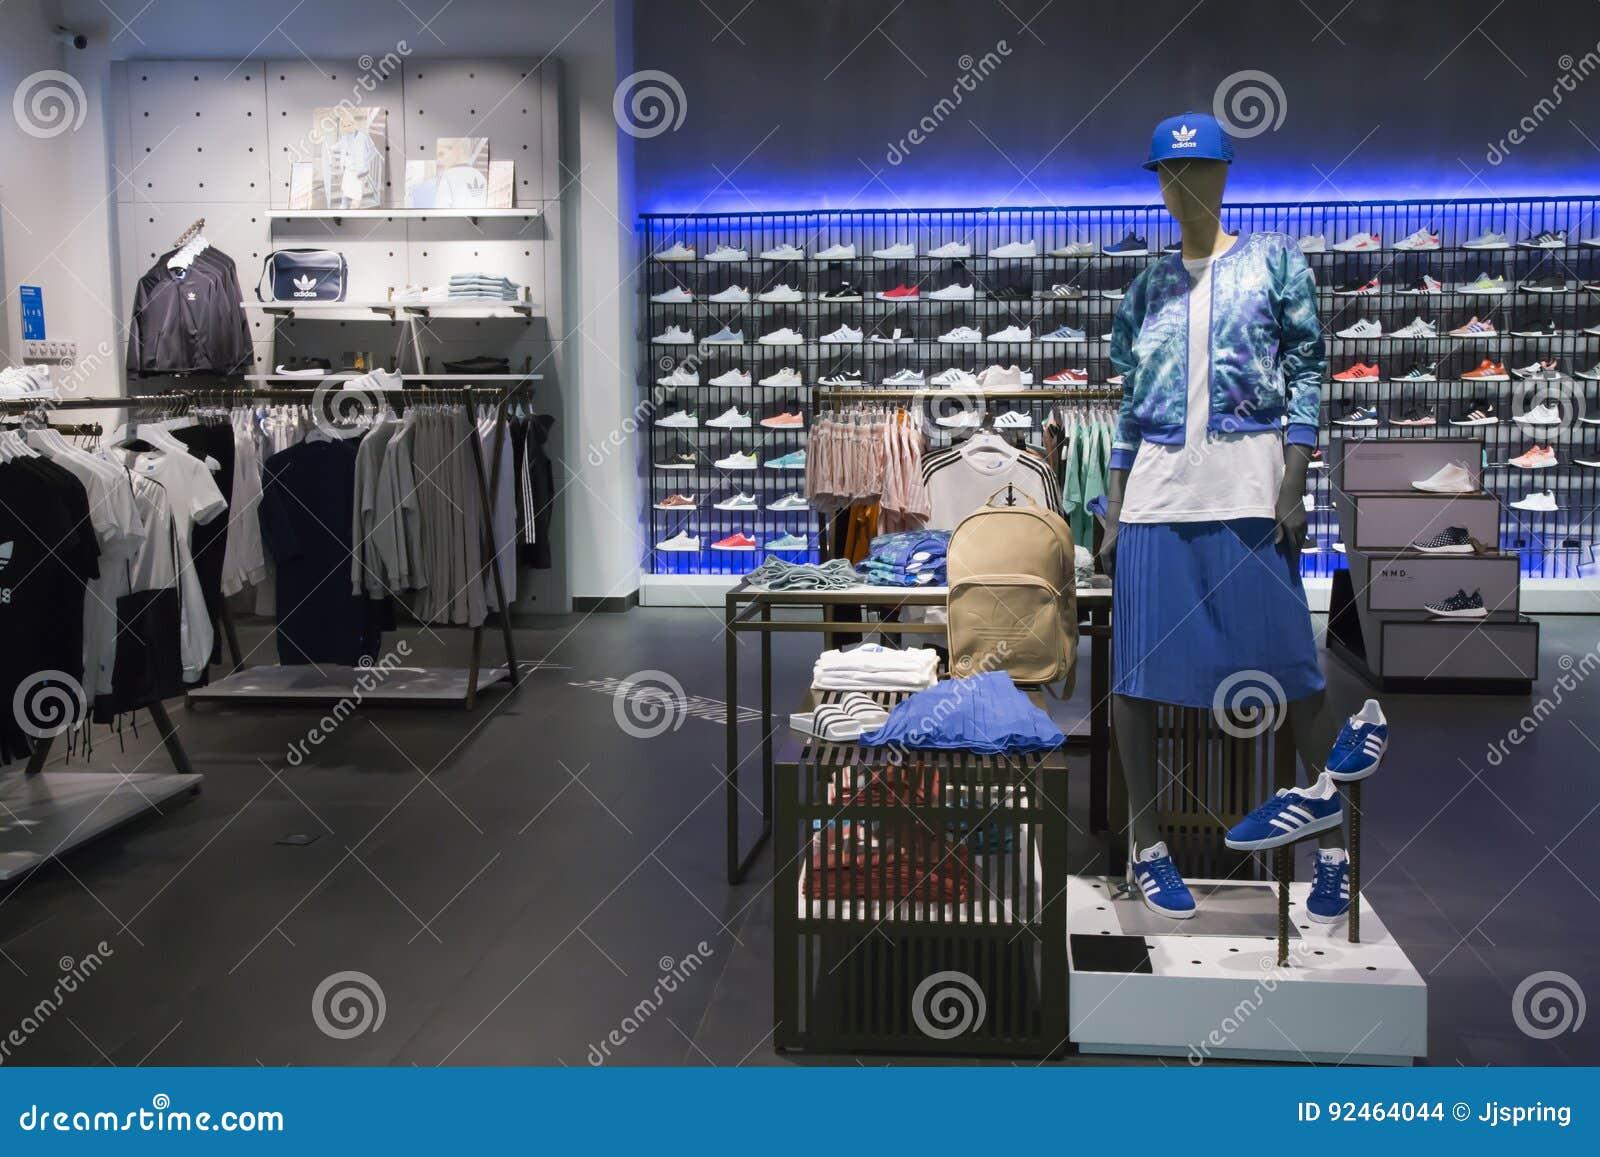 Adidas, horaire & adresse, magasin vêtement sport | Nantes